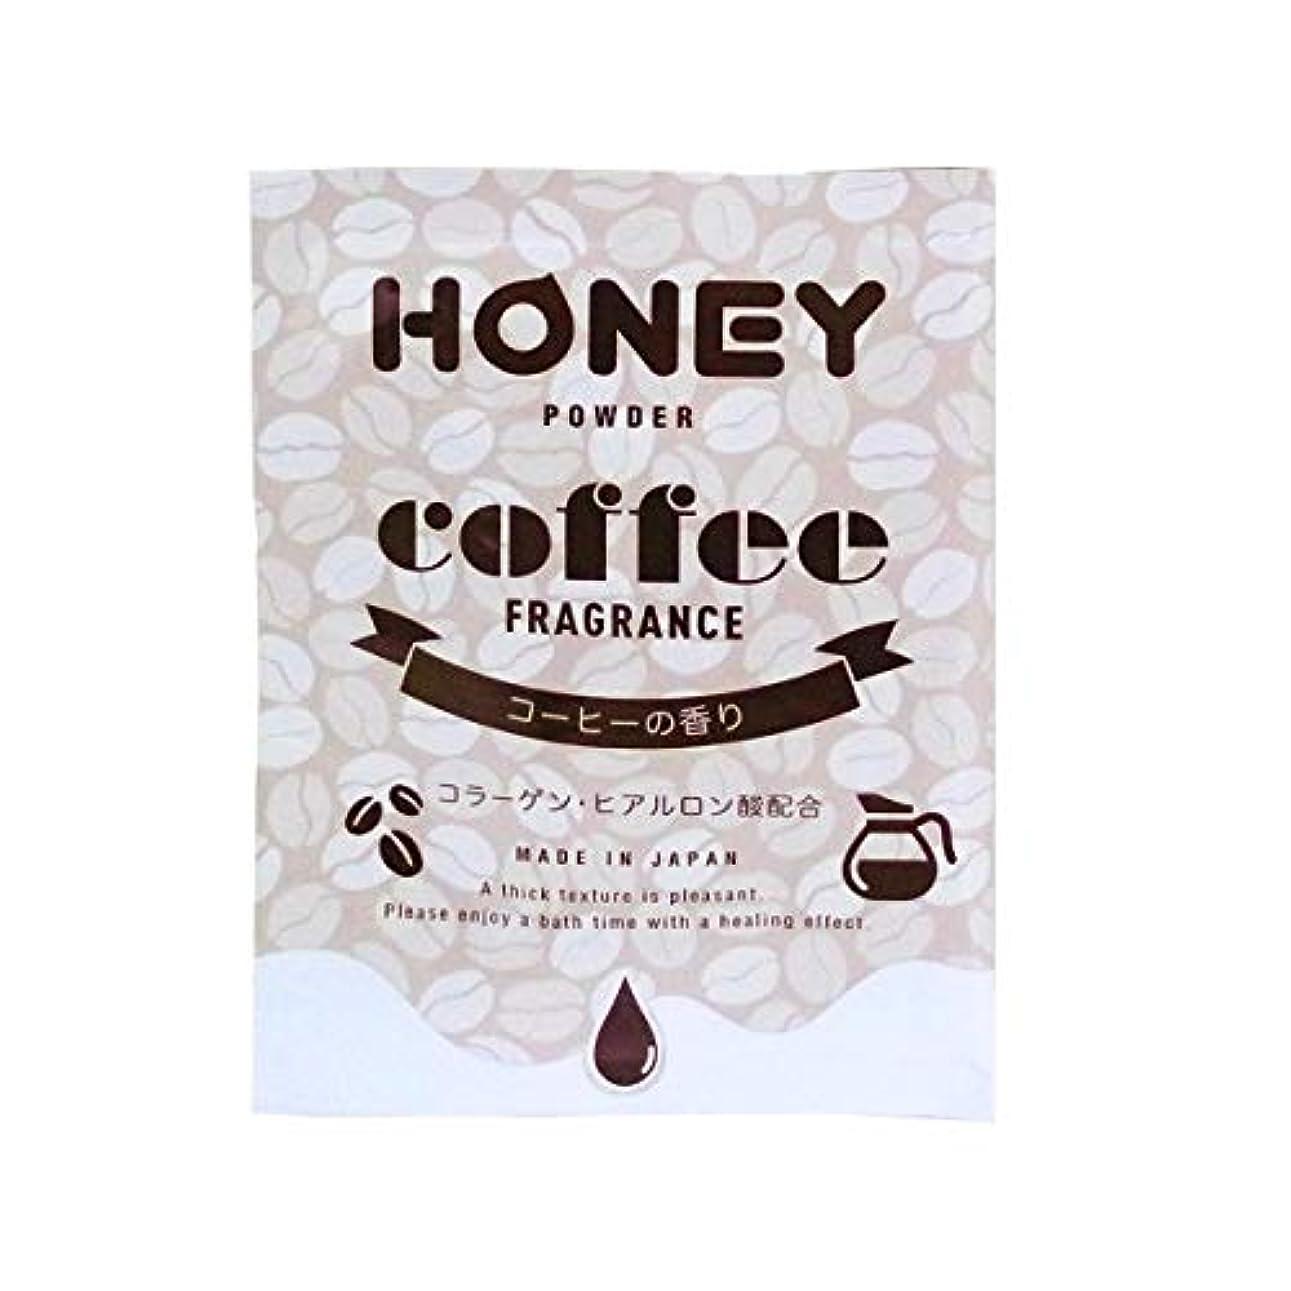 意識フィードオン習慣とろとろ入浴剤【honey powder】(ハニーパウダー) コーヒーの香り 粉末タイプ ローション